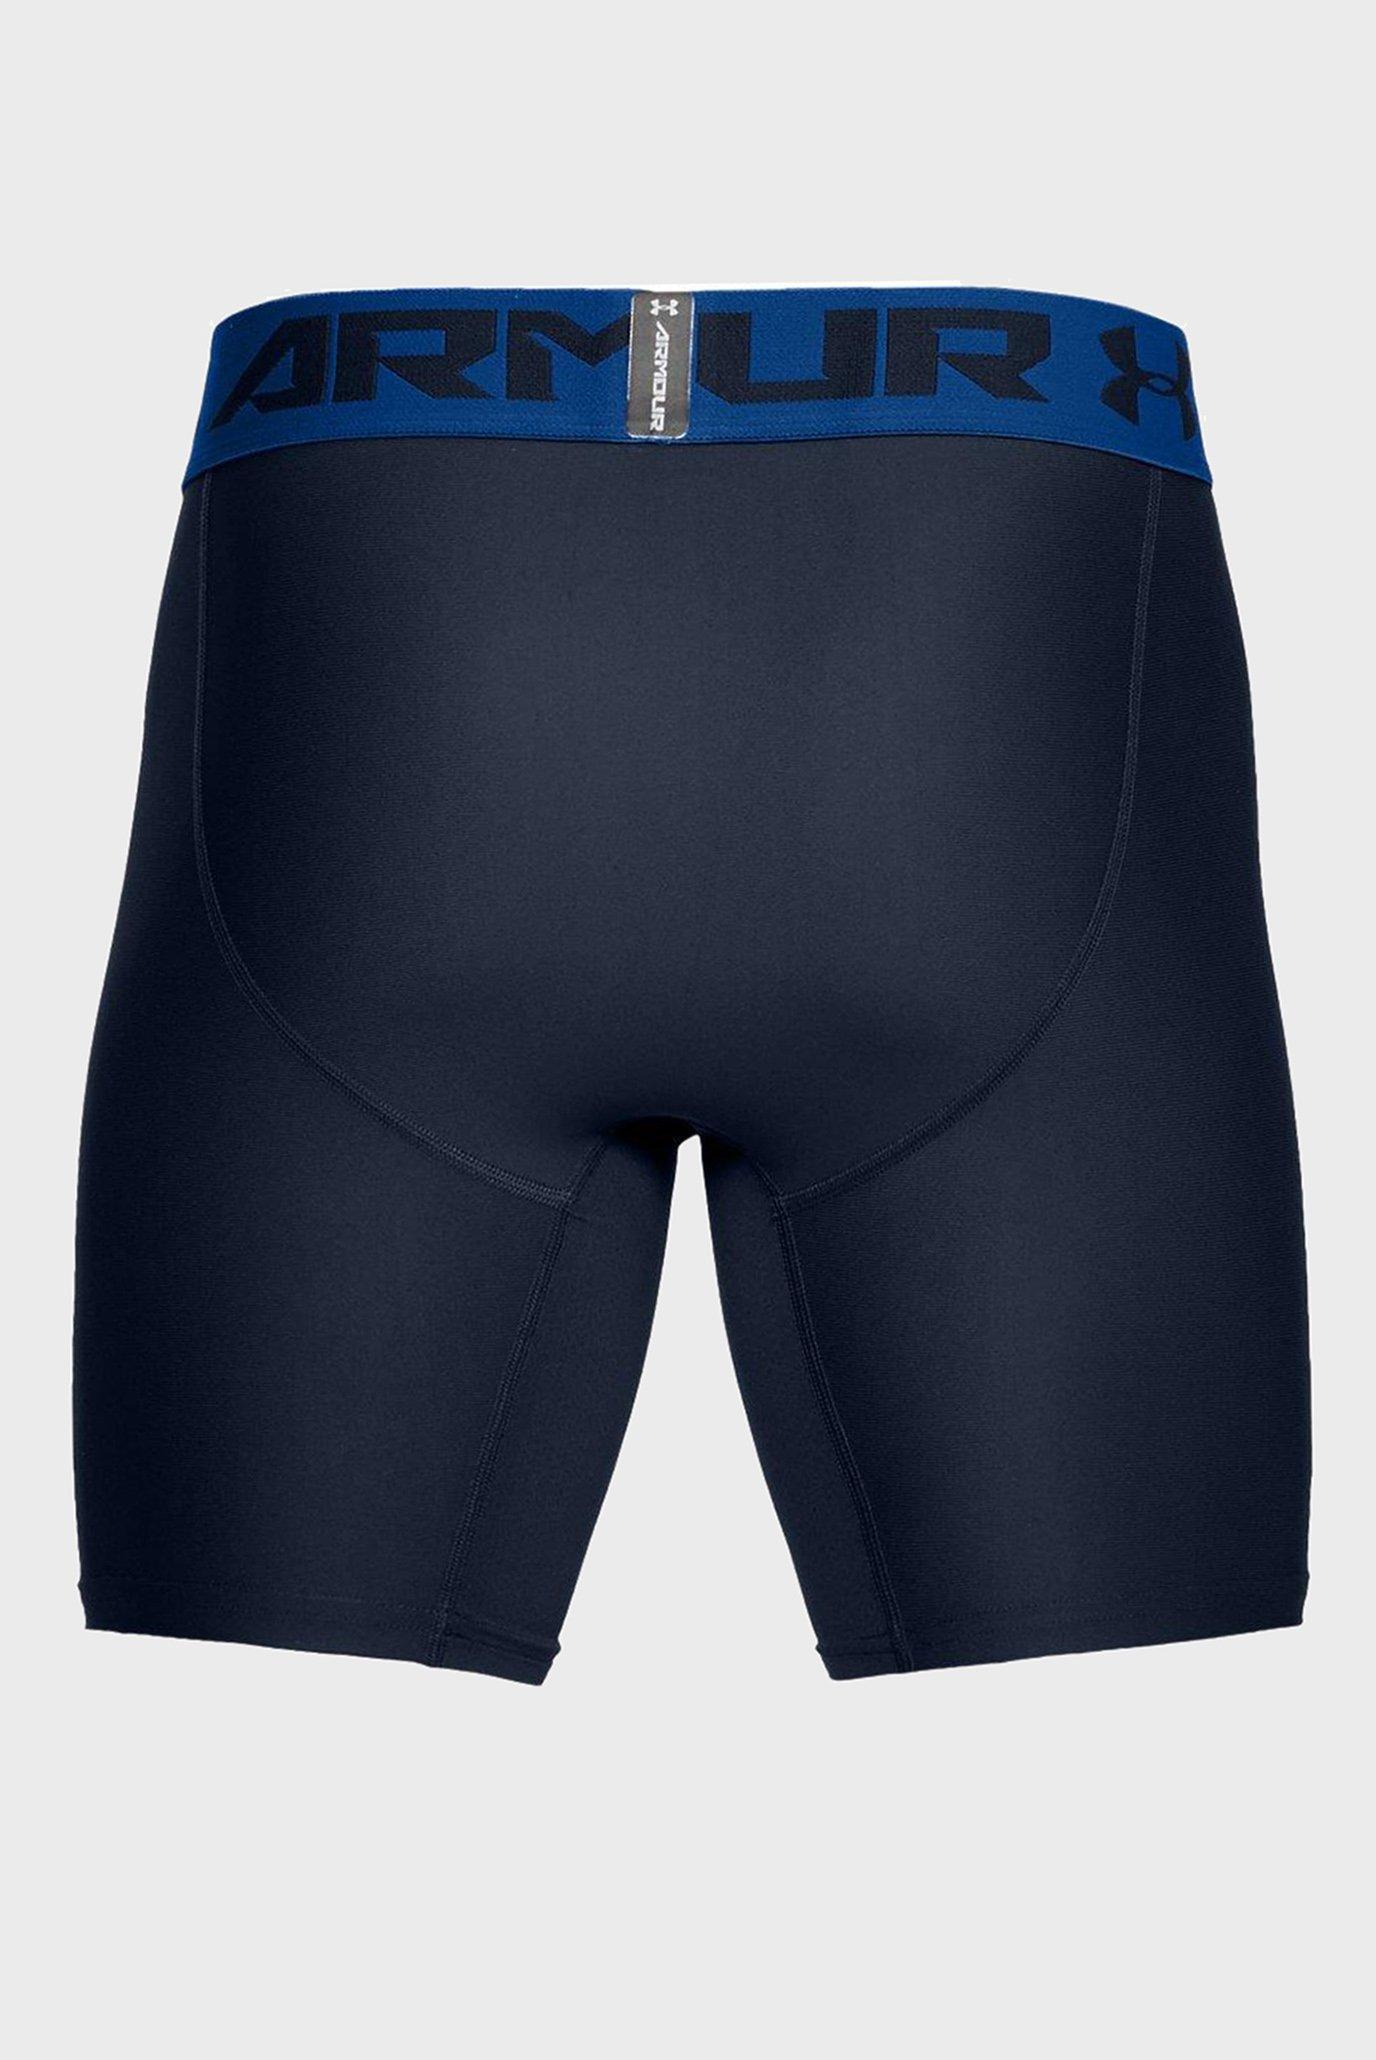 Купить Мужские синие шорты HG ARMOUR 2.0 COMP SHORT Under Armour Under Armour 1289566-408 – Киев, Украина. Цены в интернет магазине MD Fashion